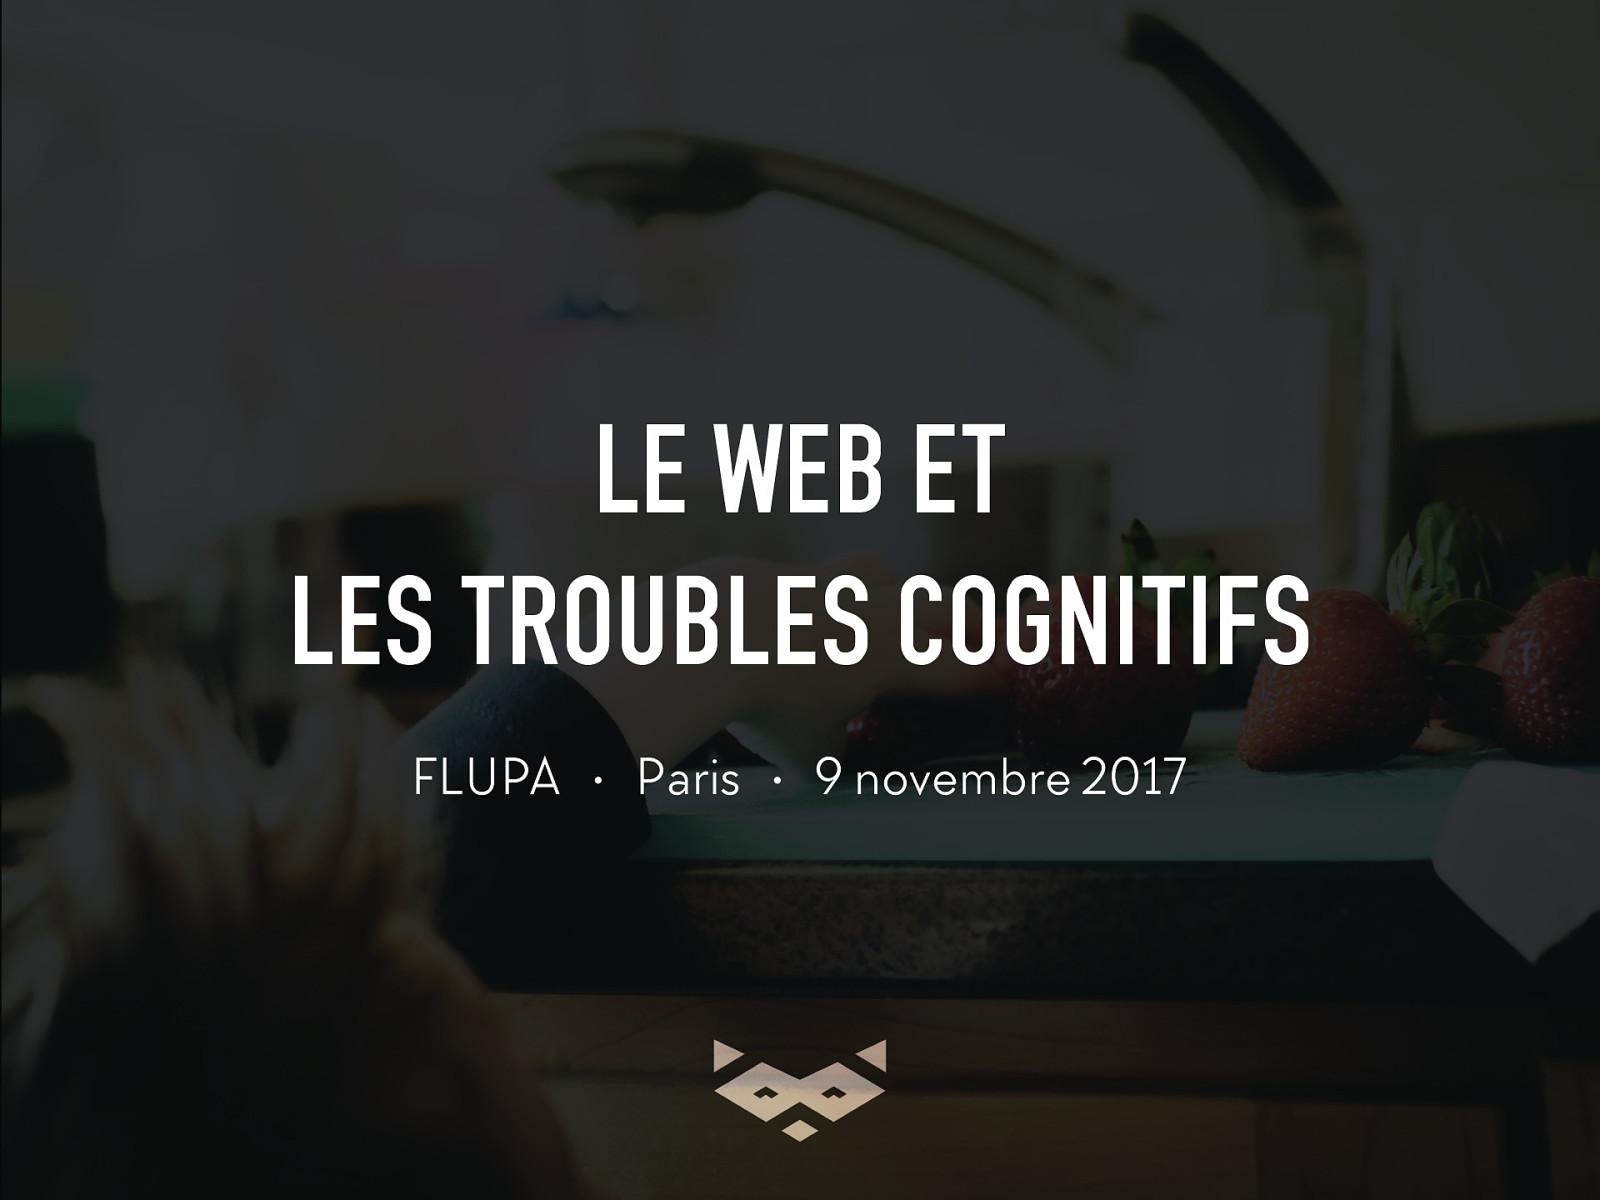 Le Web & les troubles cognitifs : immersion dans des handicaps invisibles